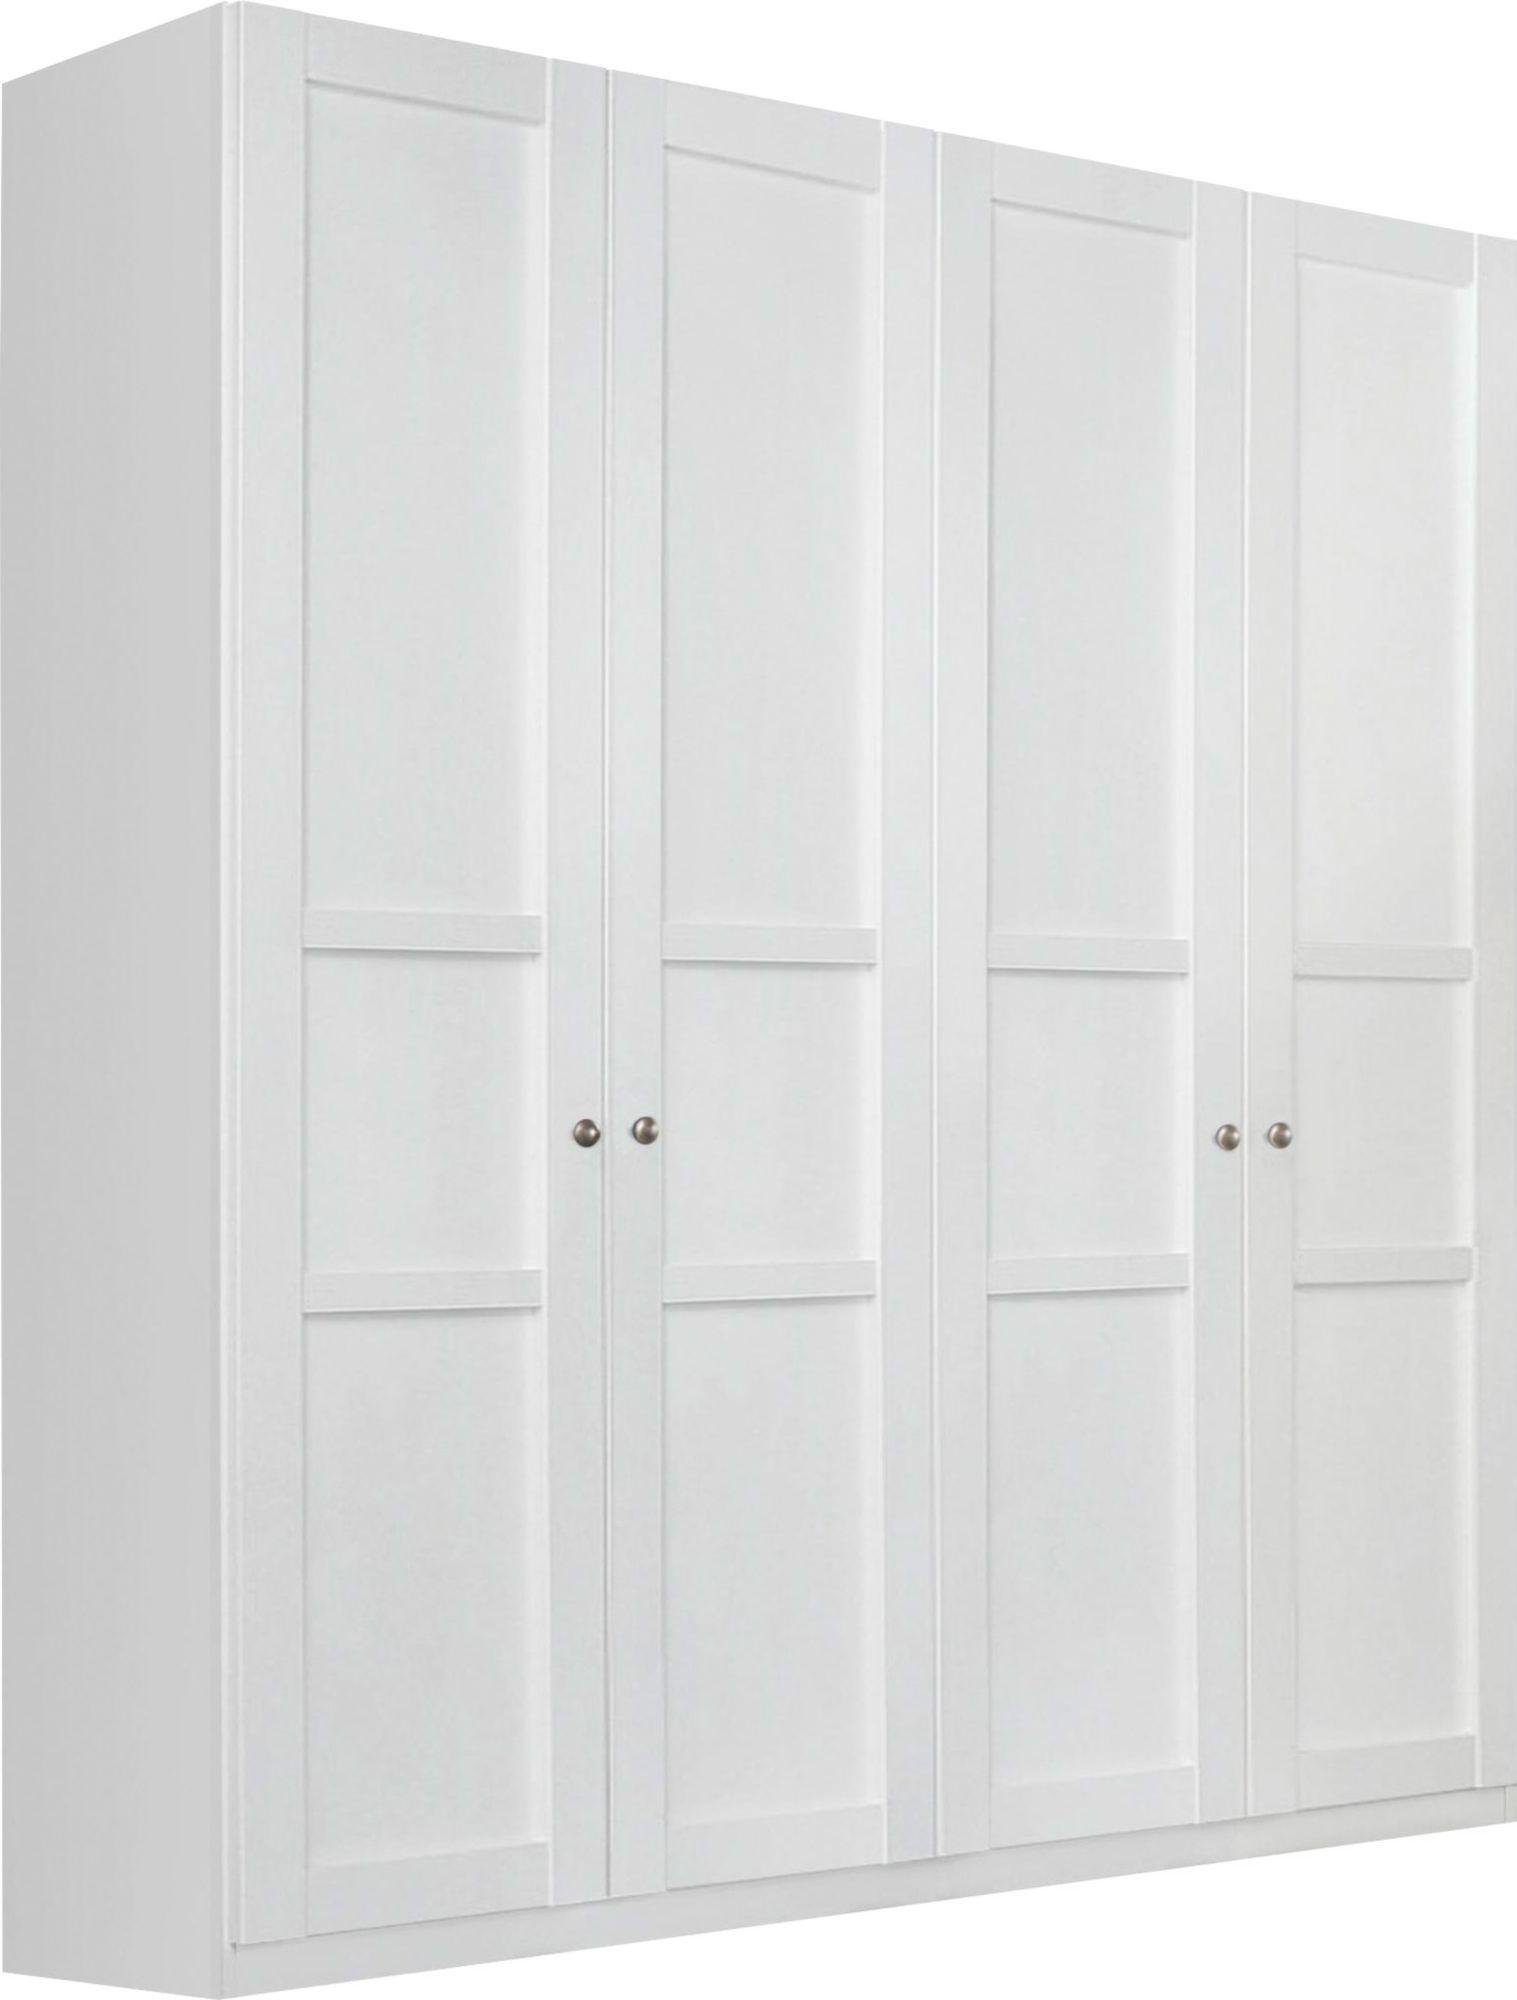 kleiderschrank weiss g nstig online kaufen beim schwab versand. Black Bedroom Furniture Sets. Home Design Ideas